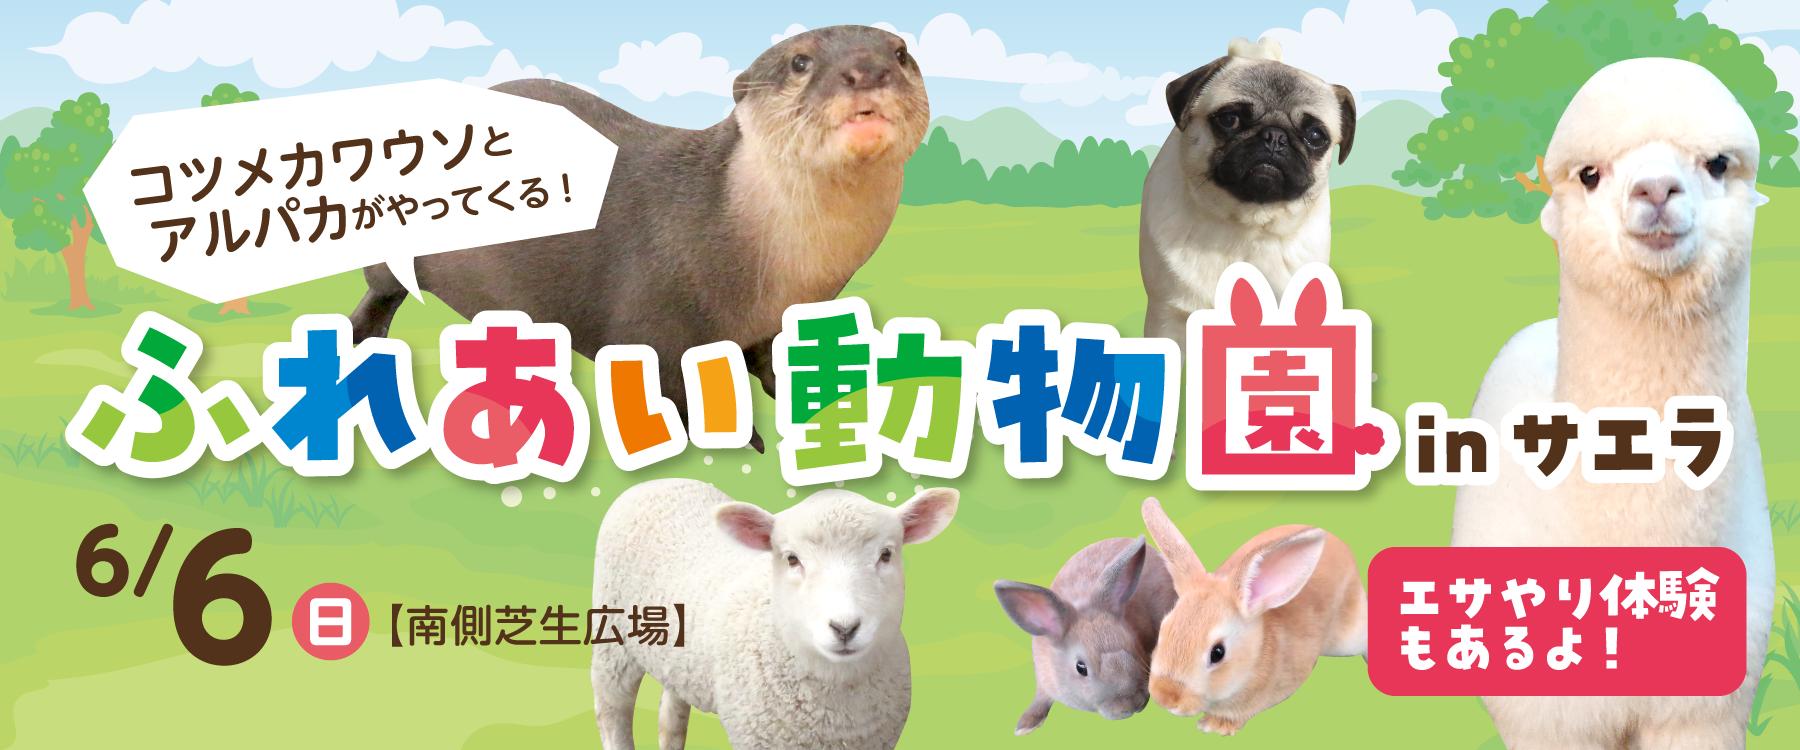 画像:6月6日(日)コツメカワウソ・アルパカがやってくる!ふれあい動物園inサエラ